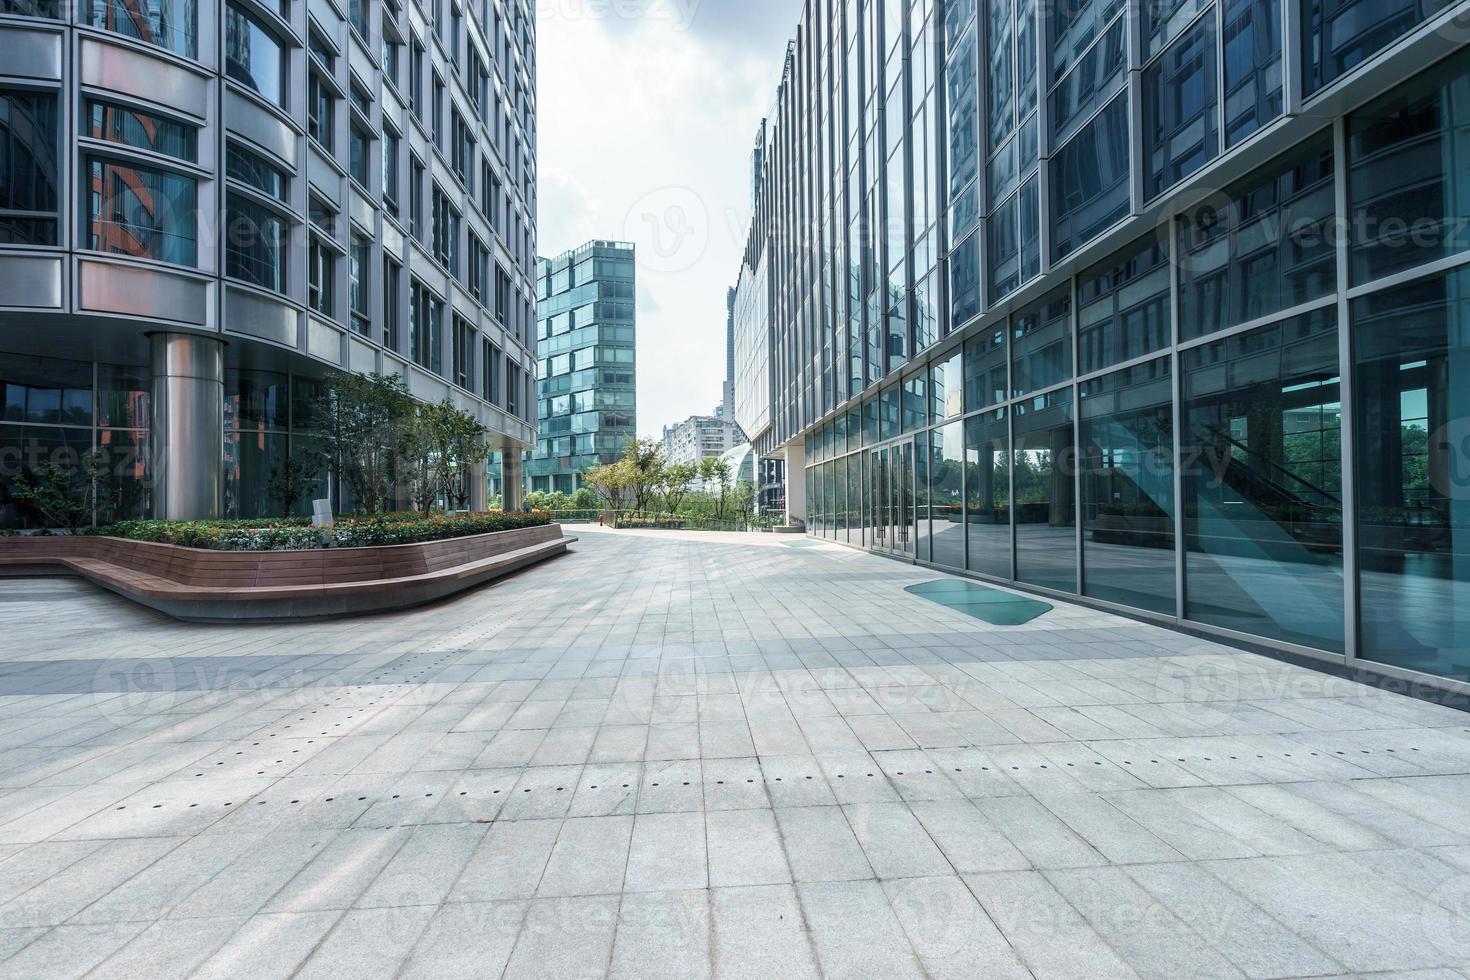 tom mark framför moderna byggnader foto